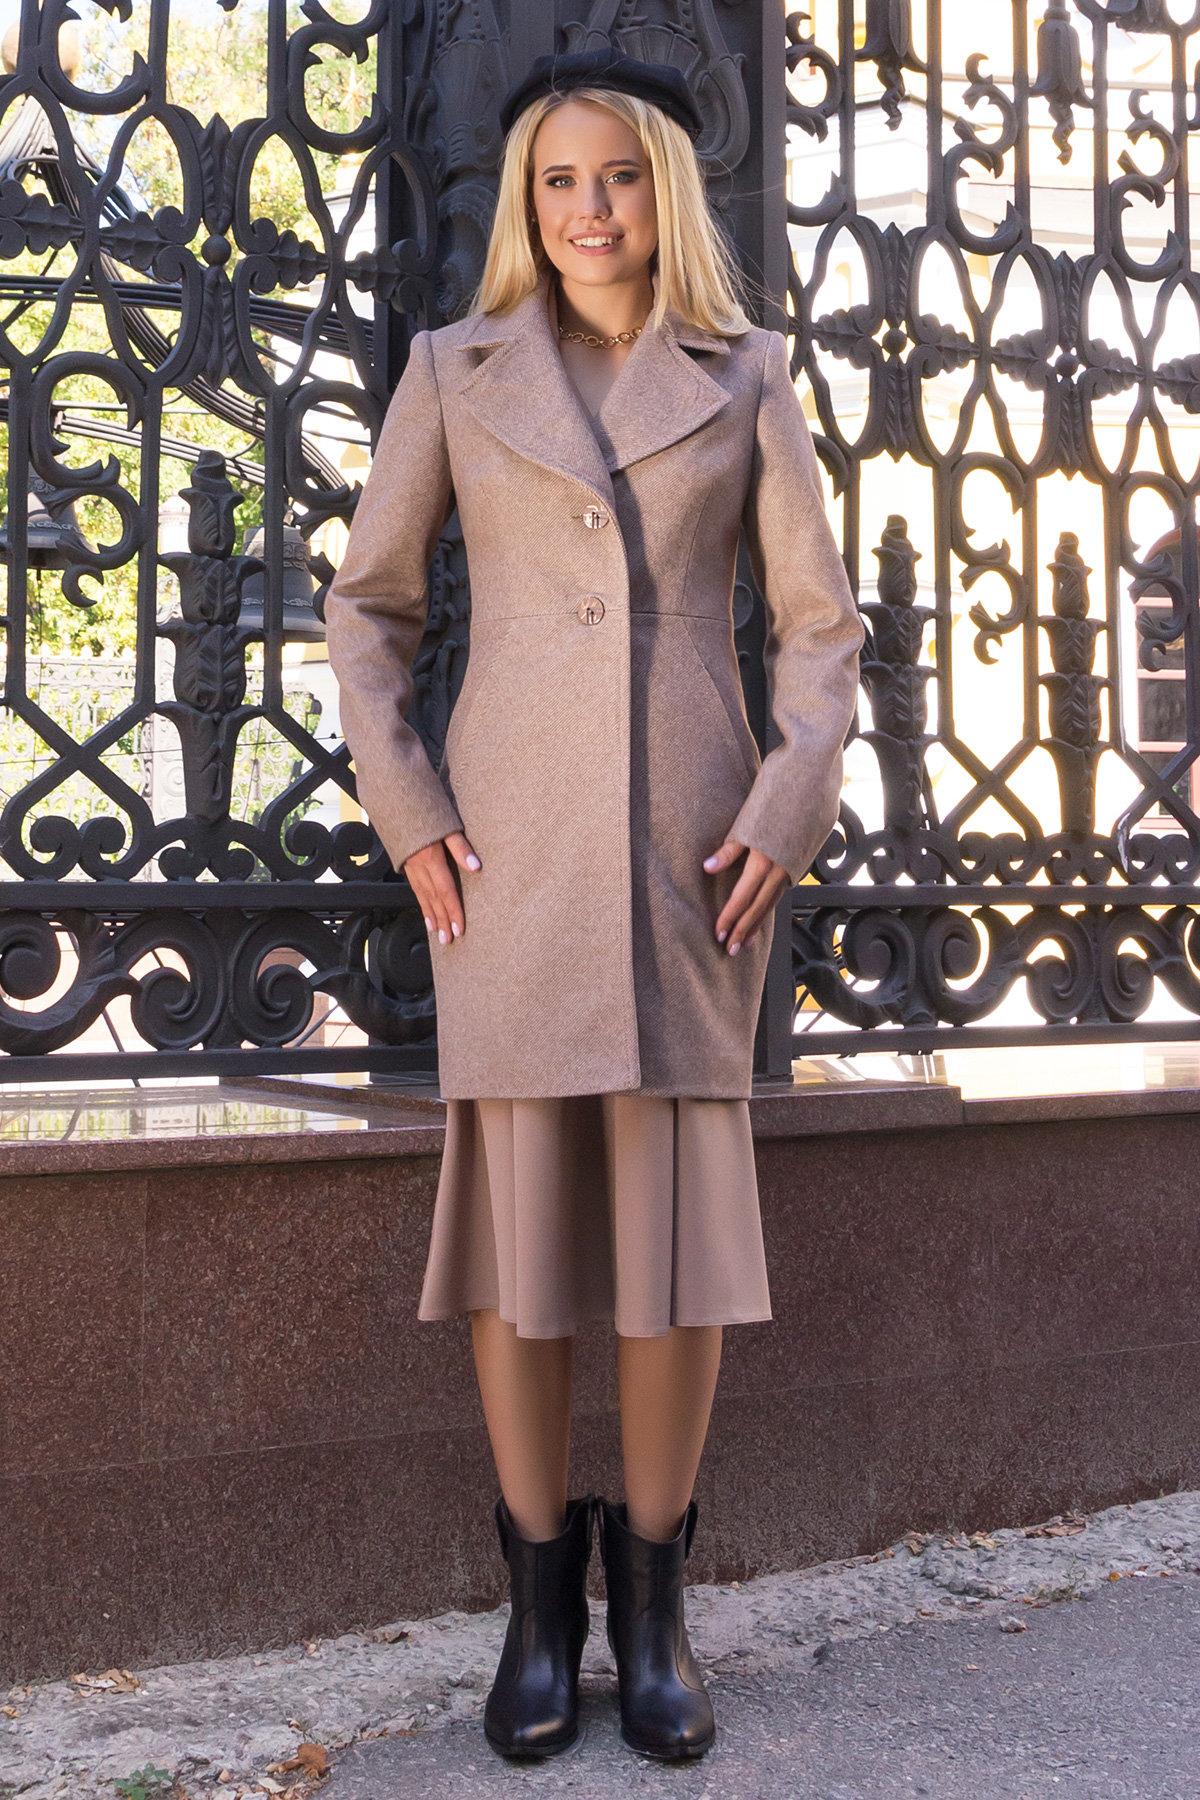 Пальто Камила 7901 АРТ. 43856 Цвет: Бежевый - фото 1, интернет магазин tm-modus.ru